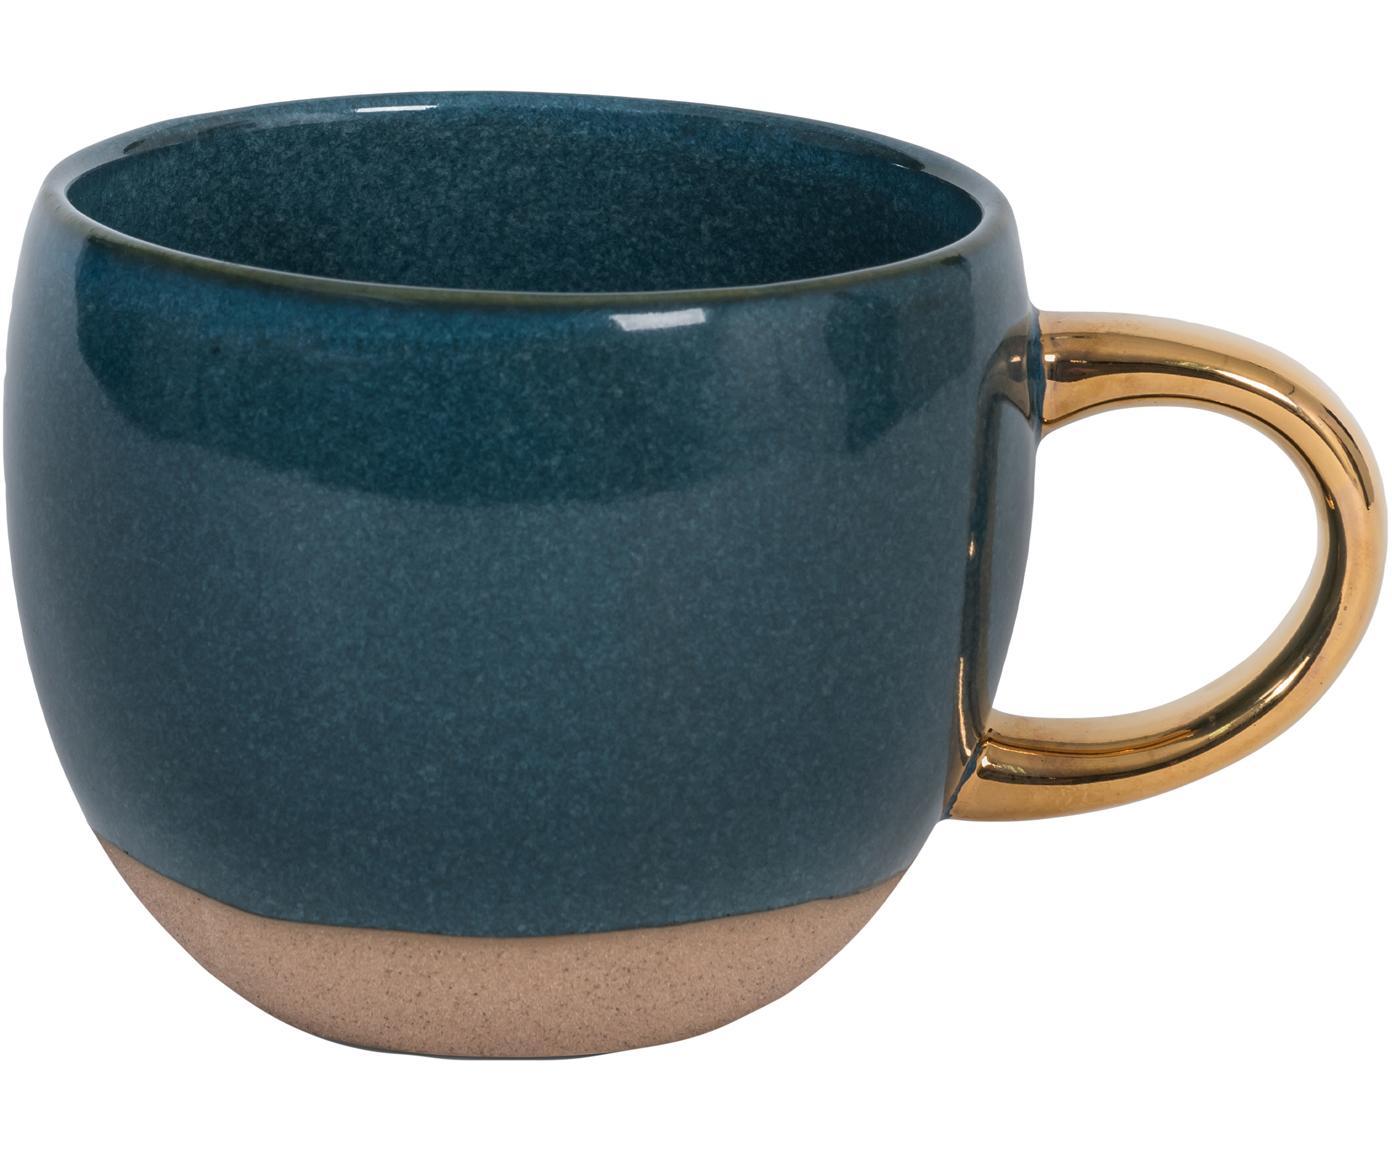 Tazza con manico dorato Legion, Terracotta, Blu, dorato, Ø 11 x Alt. 9 cm